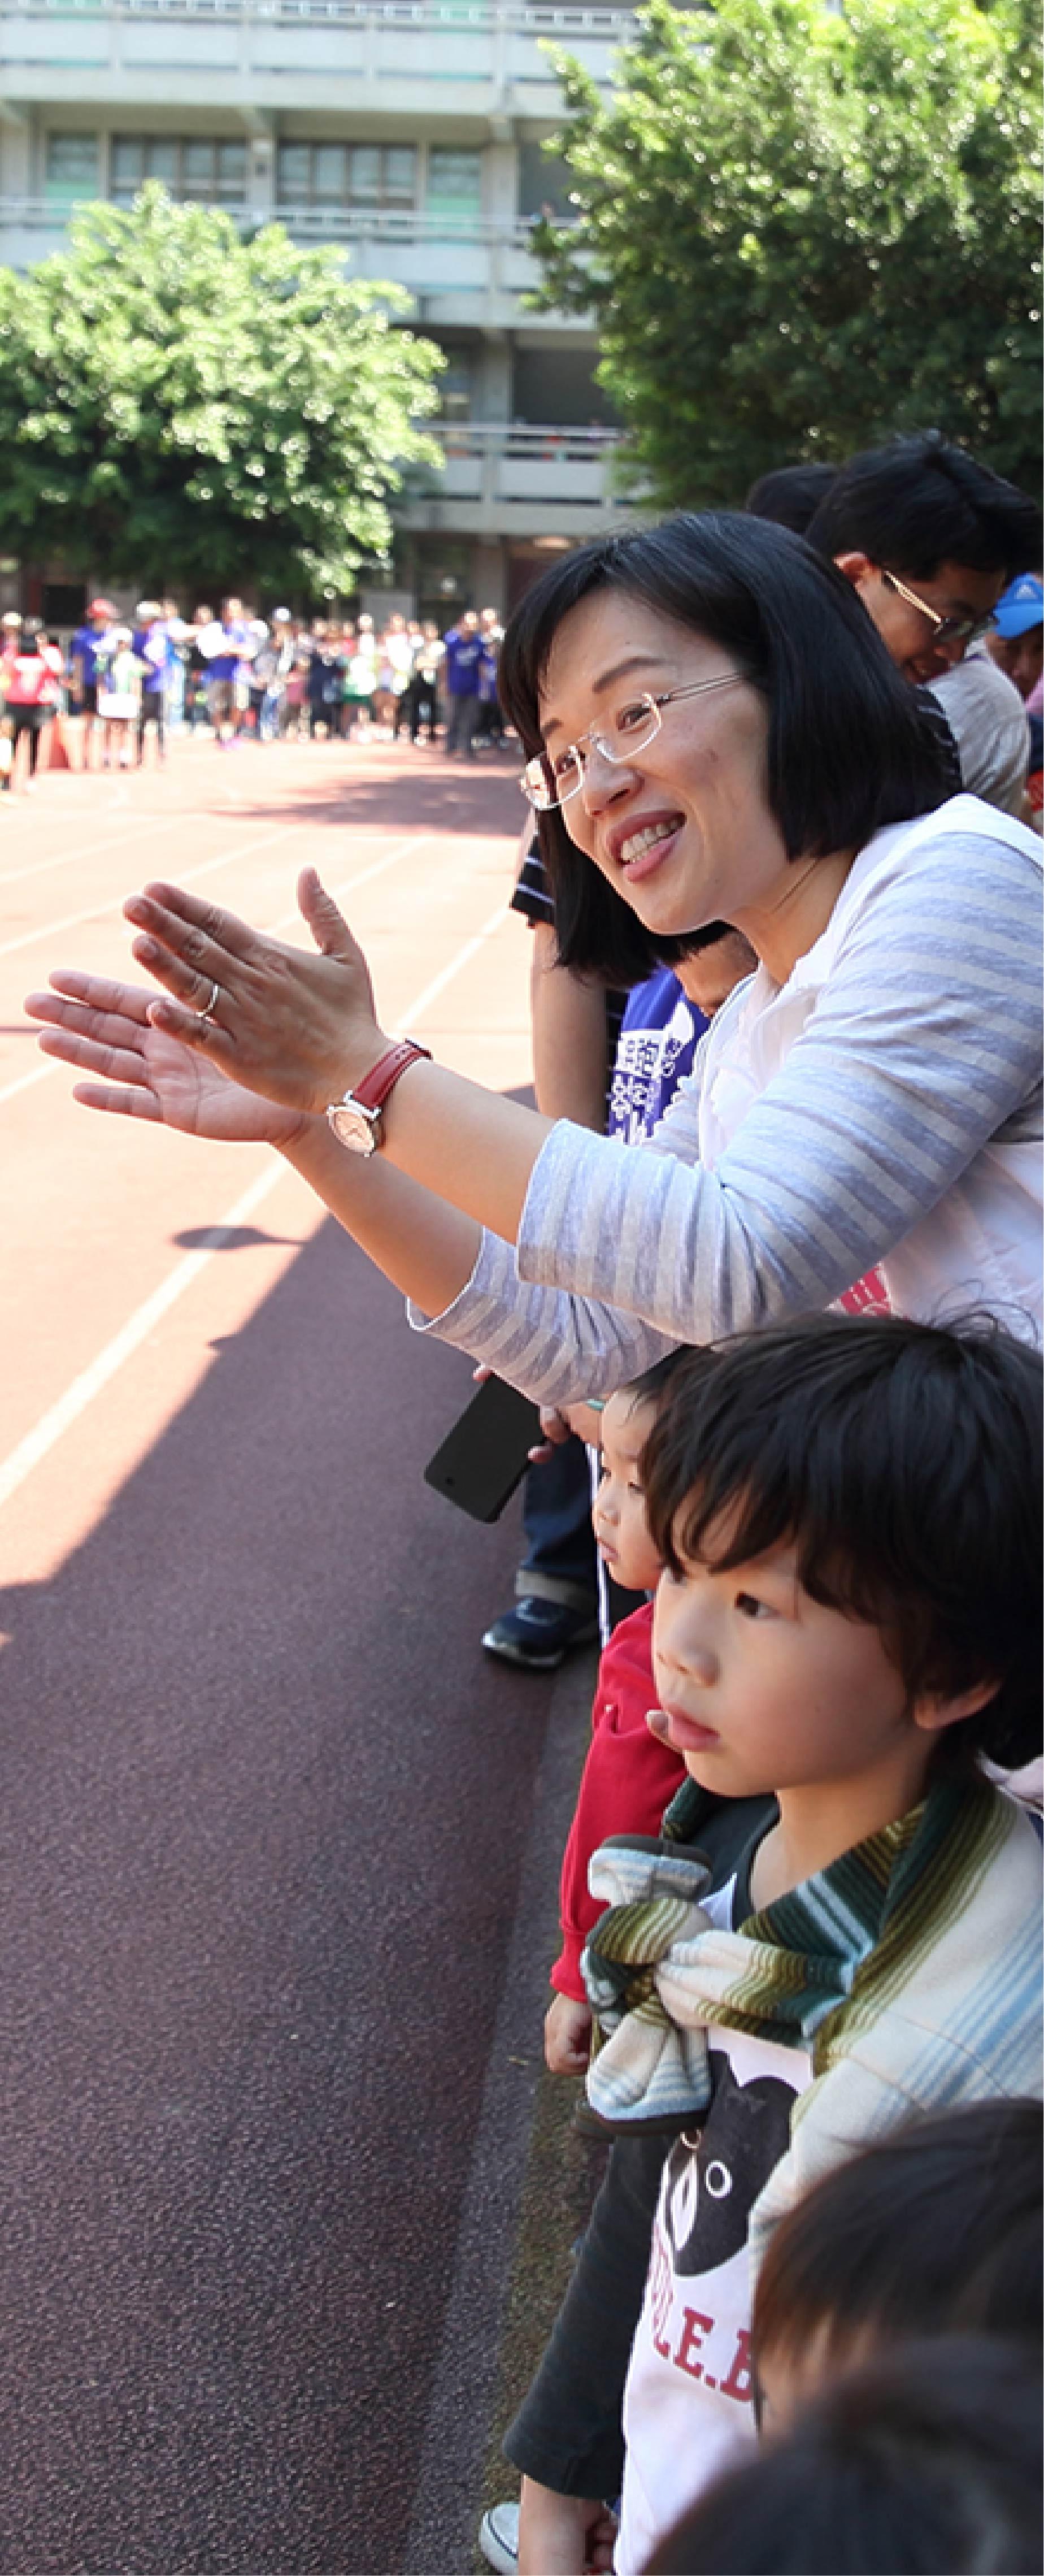 再造台灣技職教育 讓孩子適性發展兼具實務學習